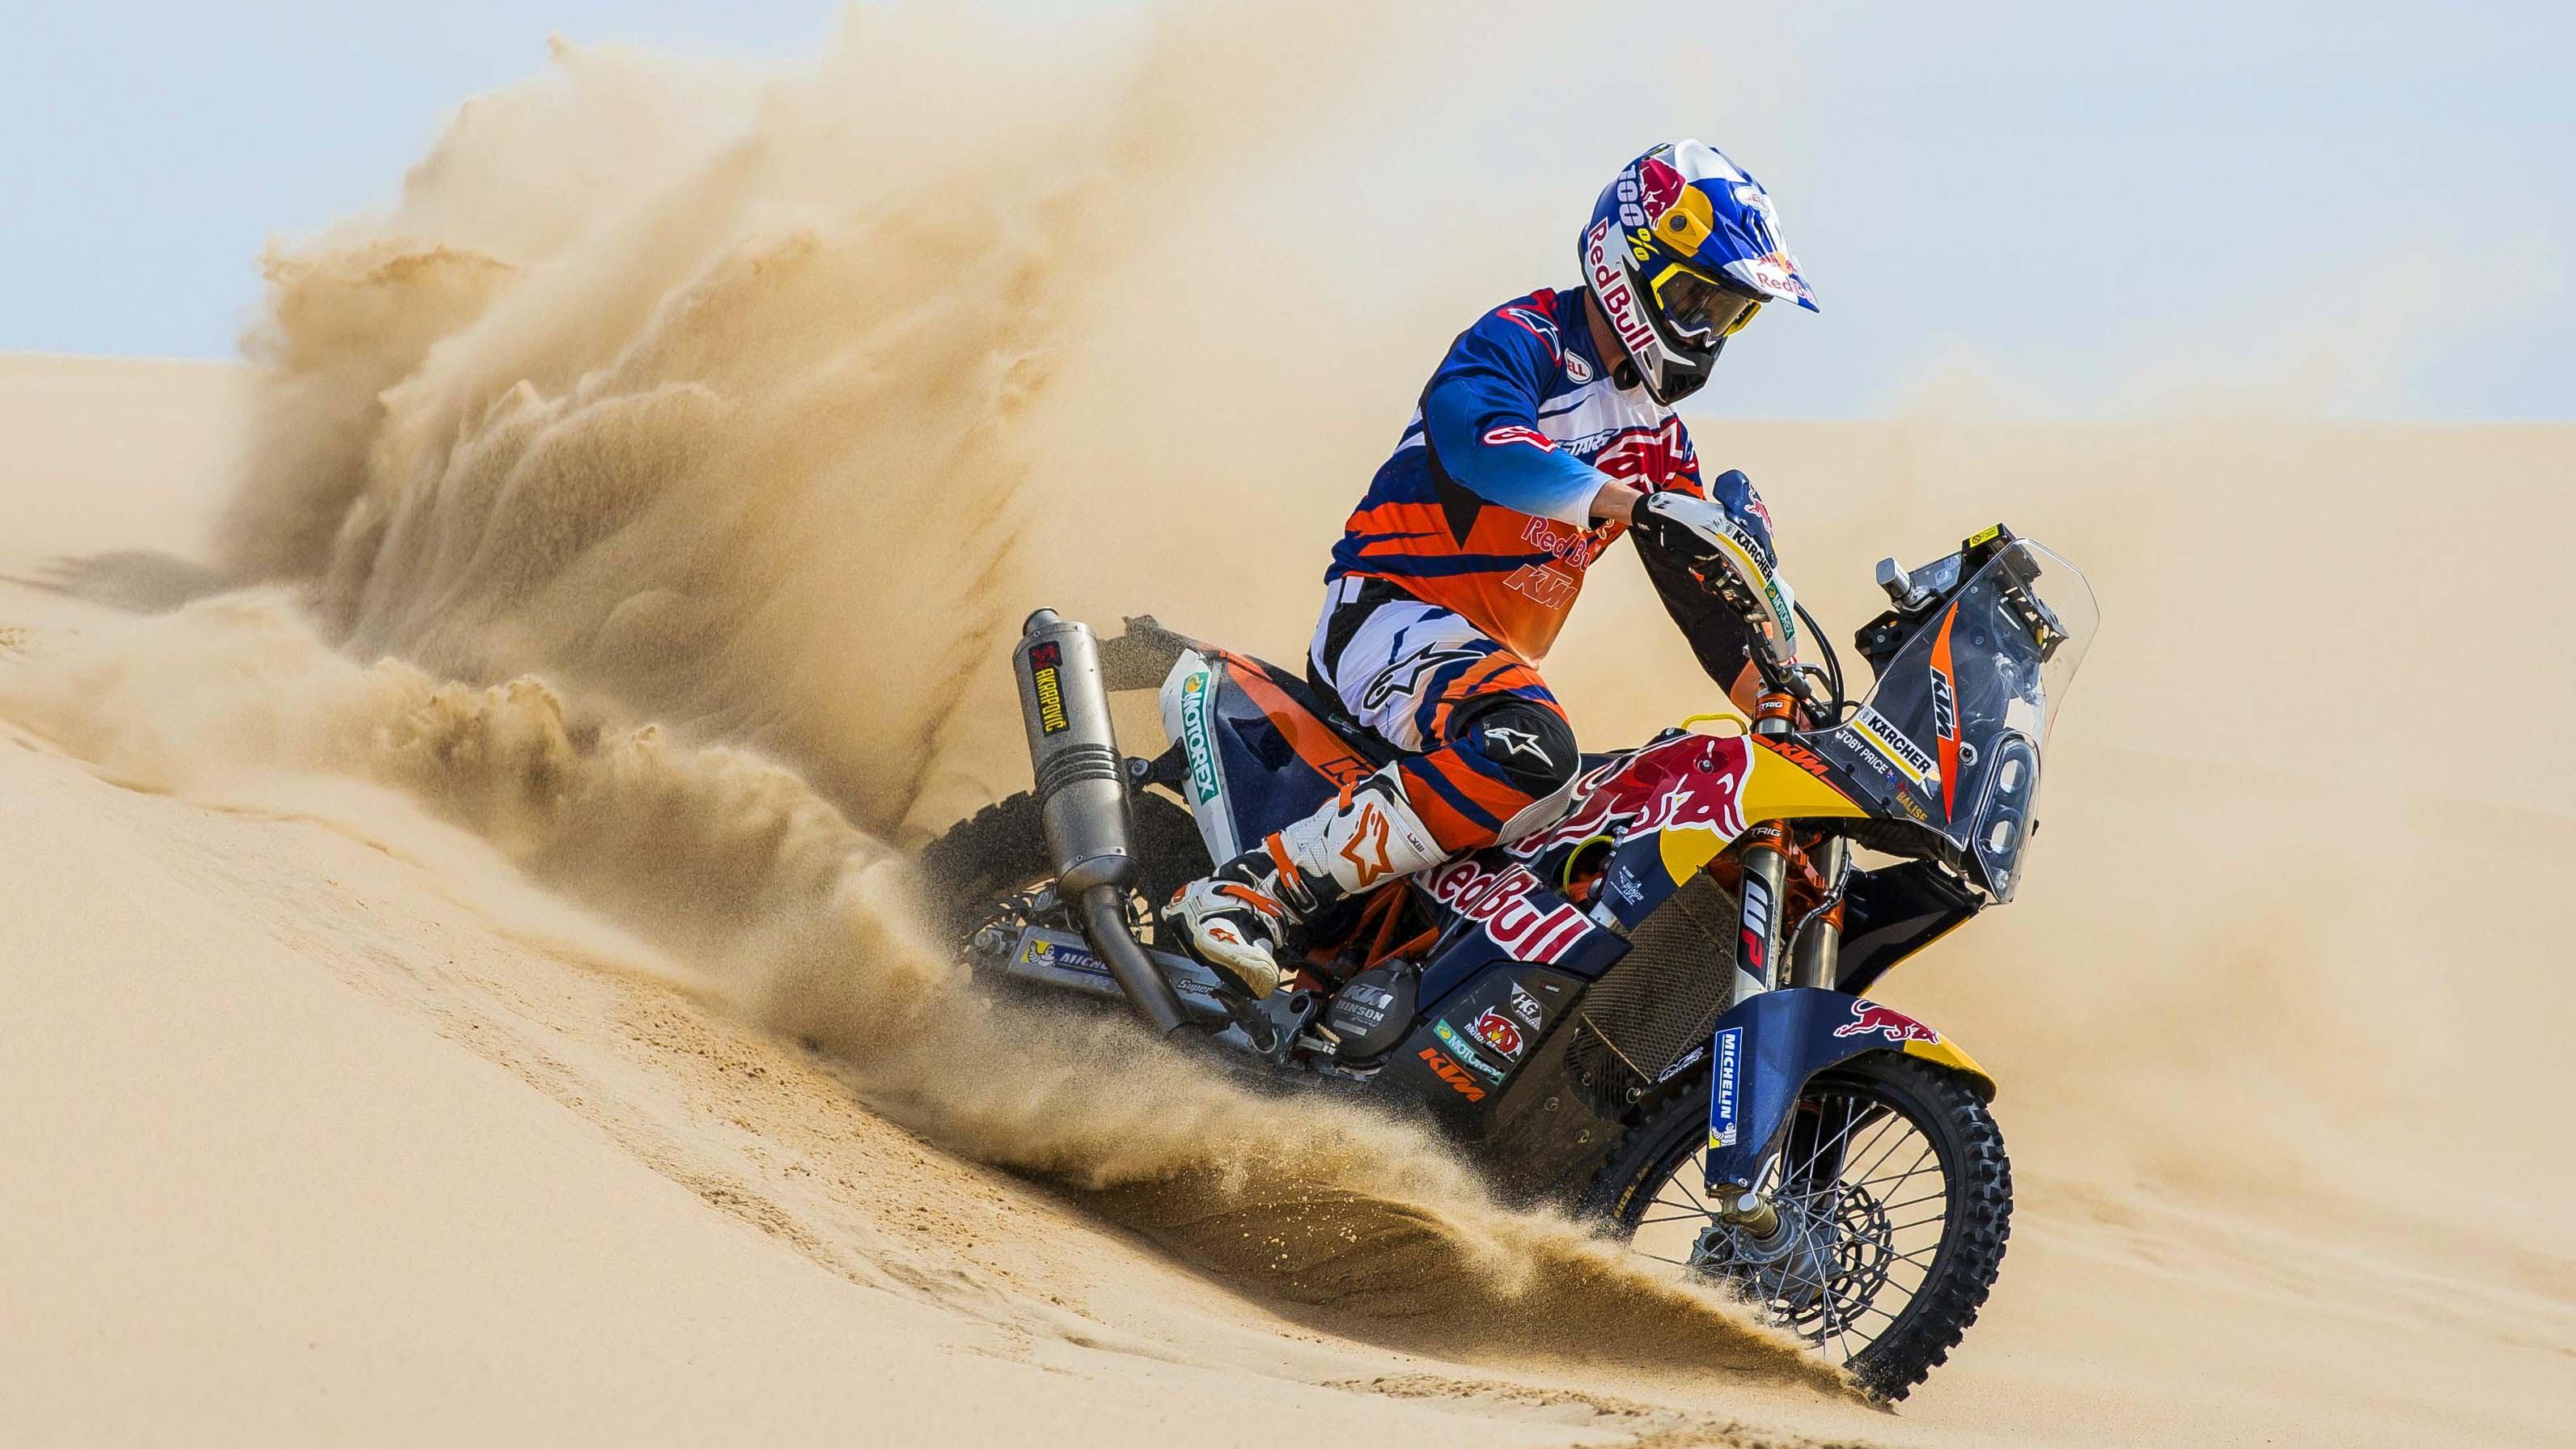 Motogp Racing Game | MotoGP 2017 Info, Video, Points Table